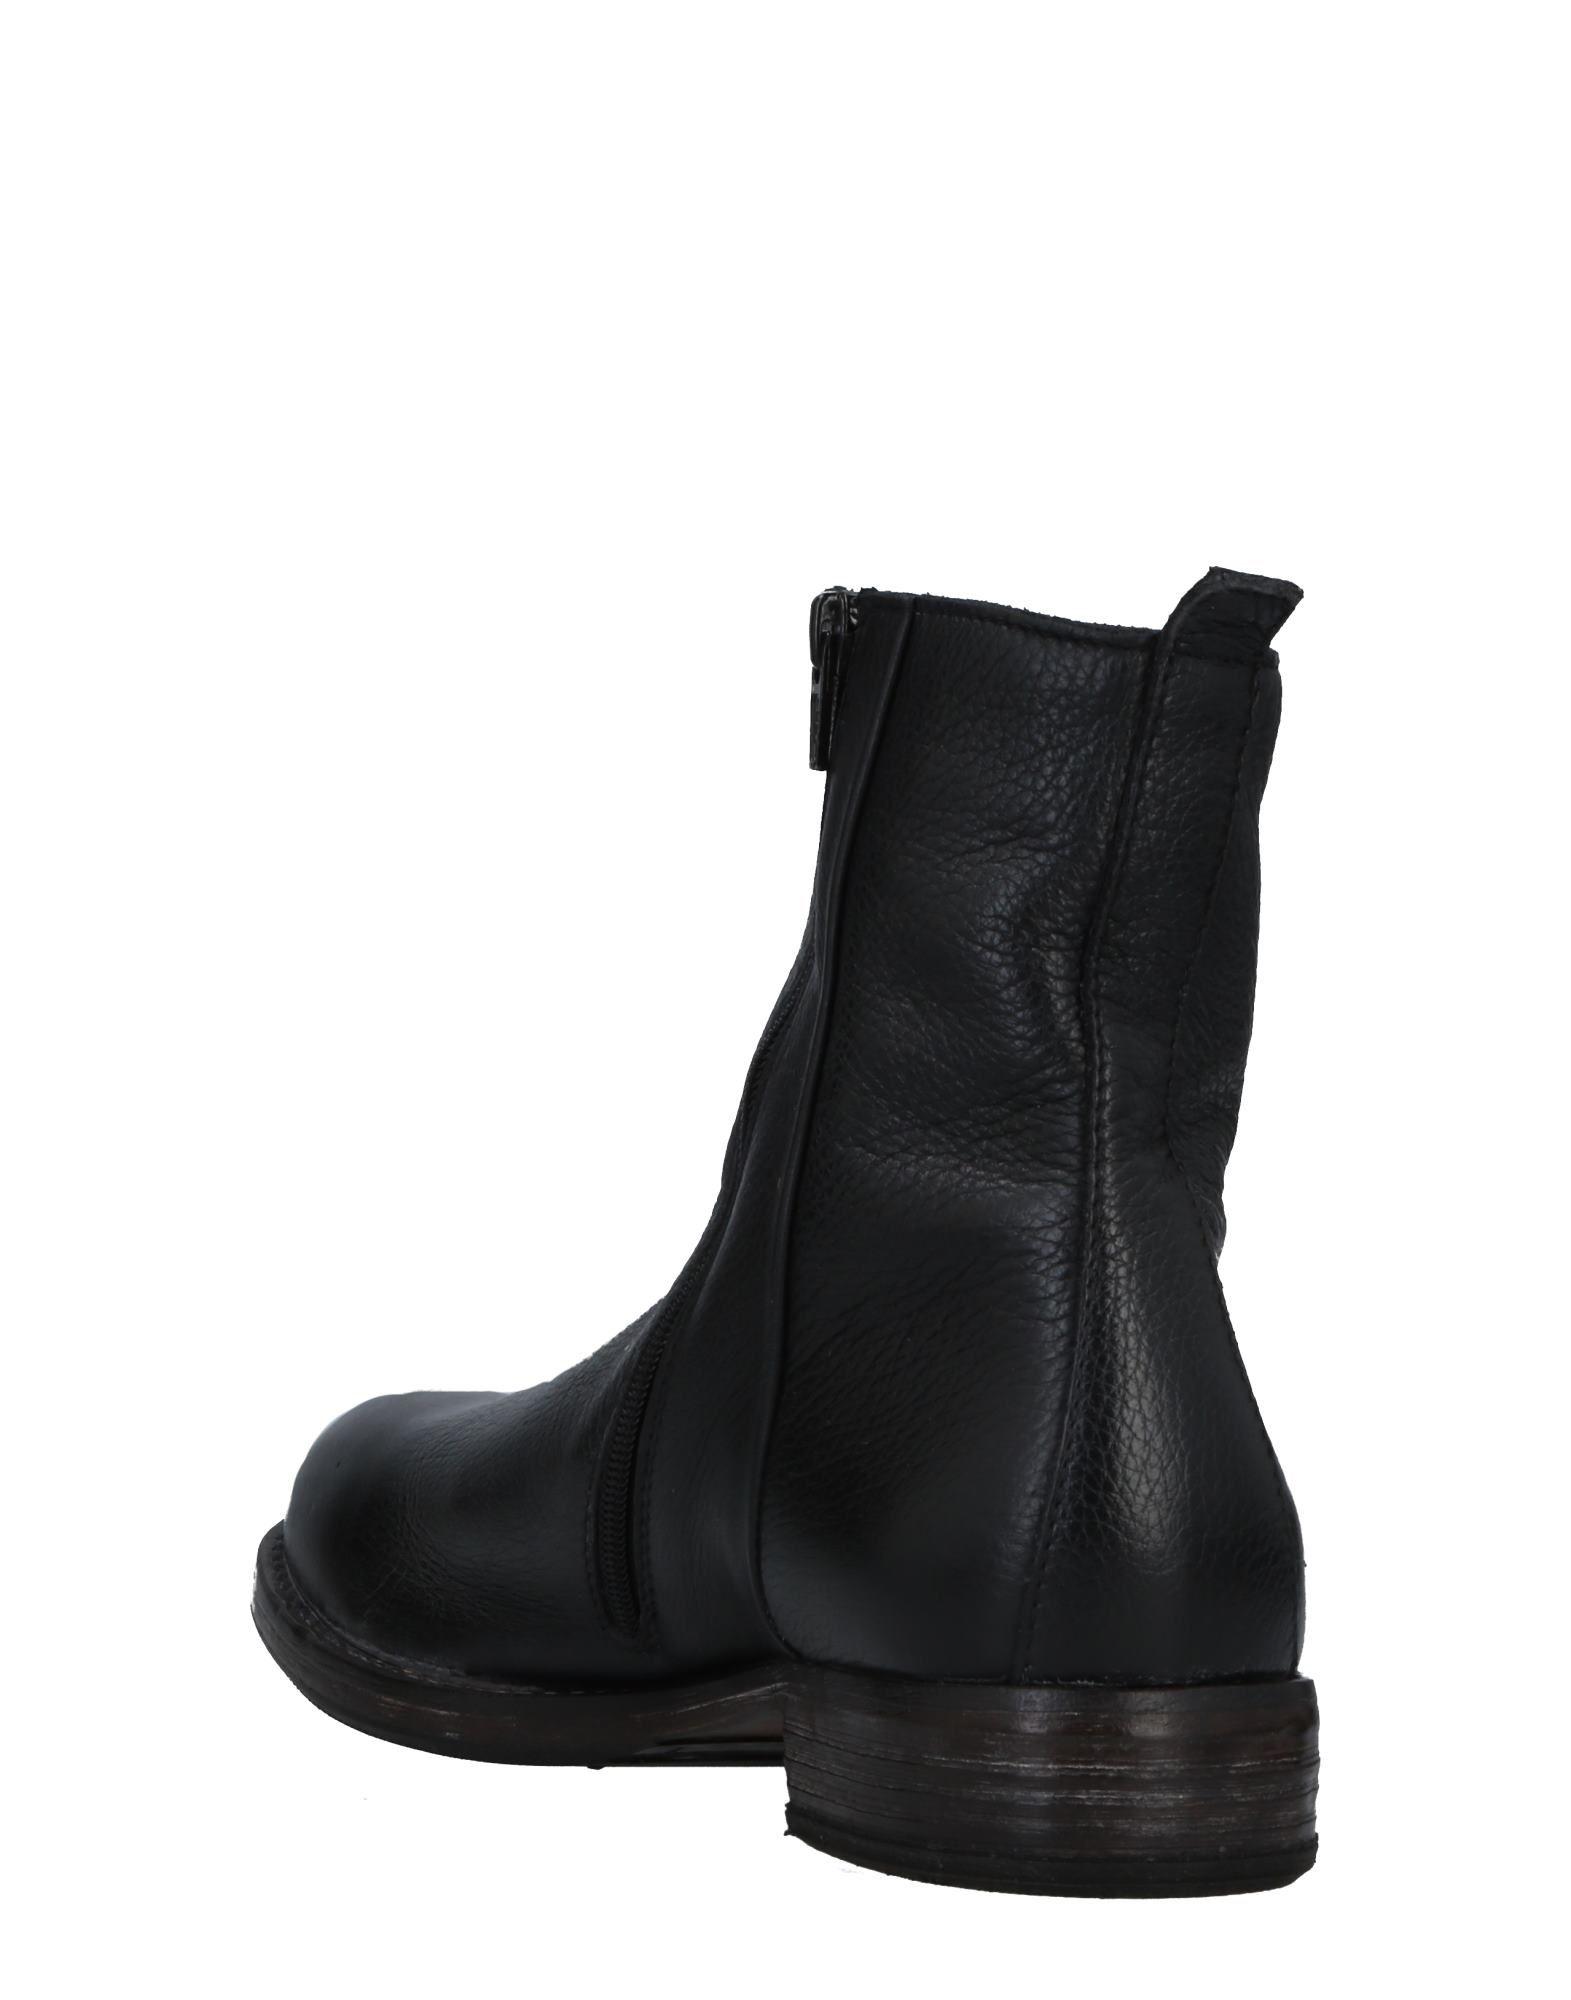 Moma Stiefelette Herren beliebte  11516589MQ Gute Qualität beliebte Herren Schuhe edf321